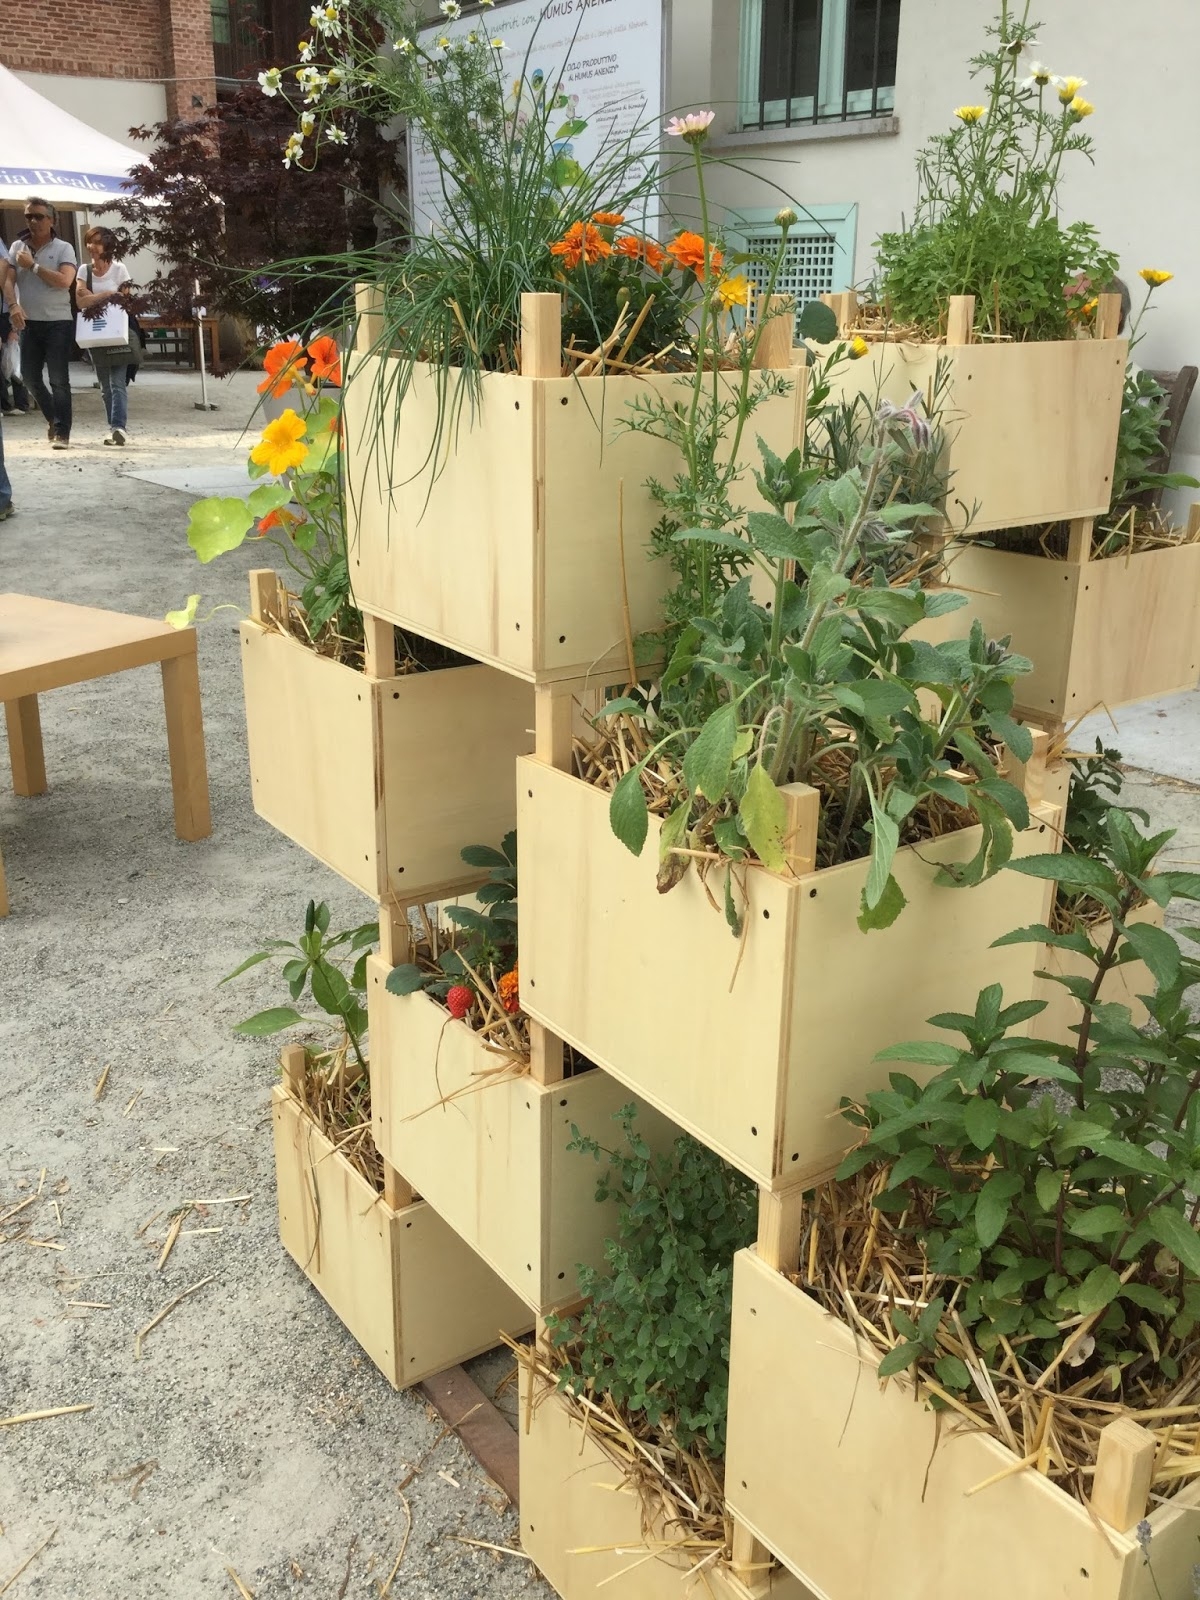 Piccoli giardini fioriti una serie di archi poste lungo - Piccoli giardini fioriti ...